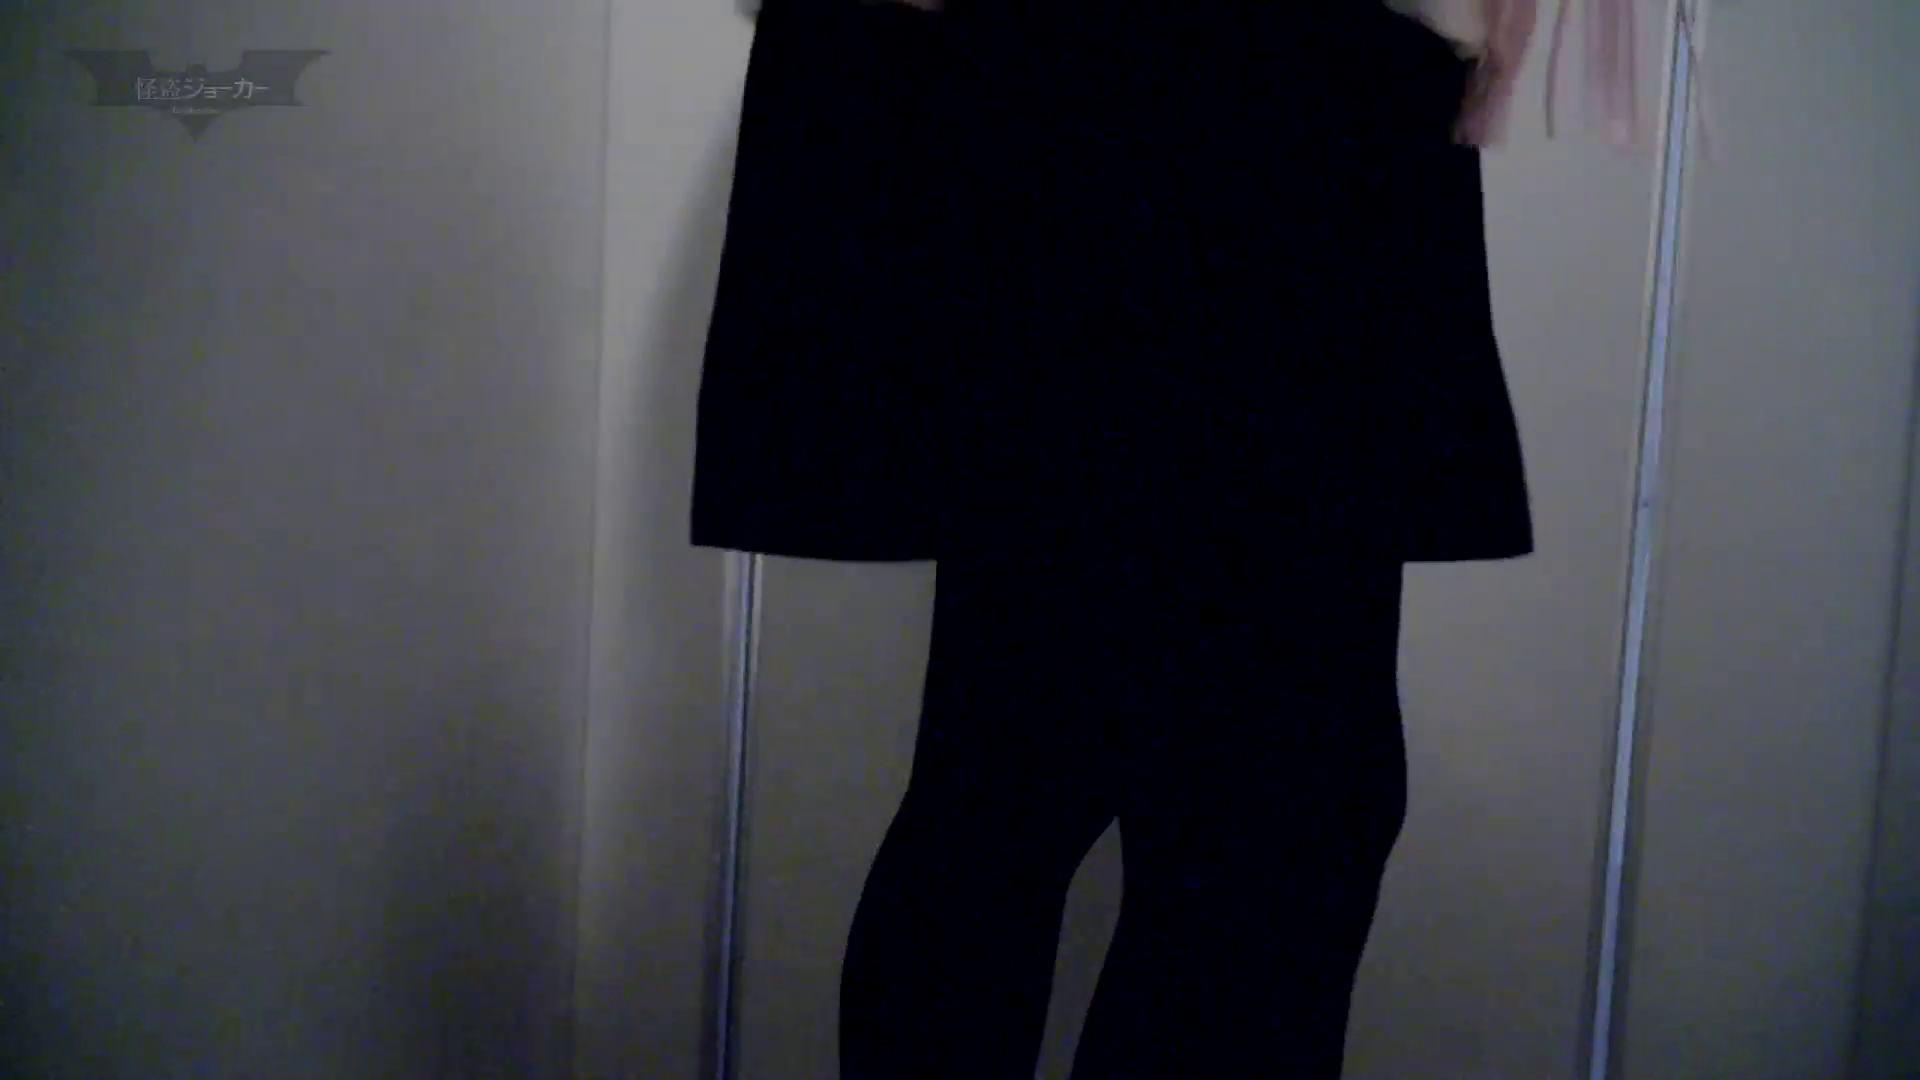 有名大学女性洗面所 vol.57 S級美女マルチアングル撮り!! お姉さんのSEX 濡れ場動画紹介 80枚 17